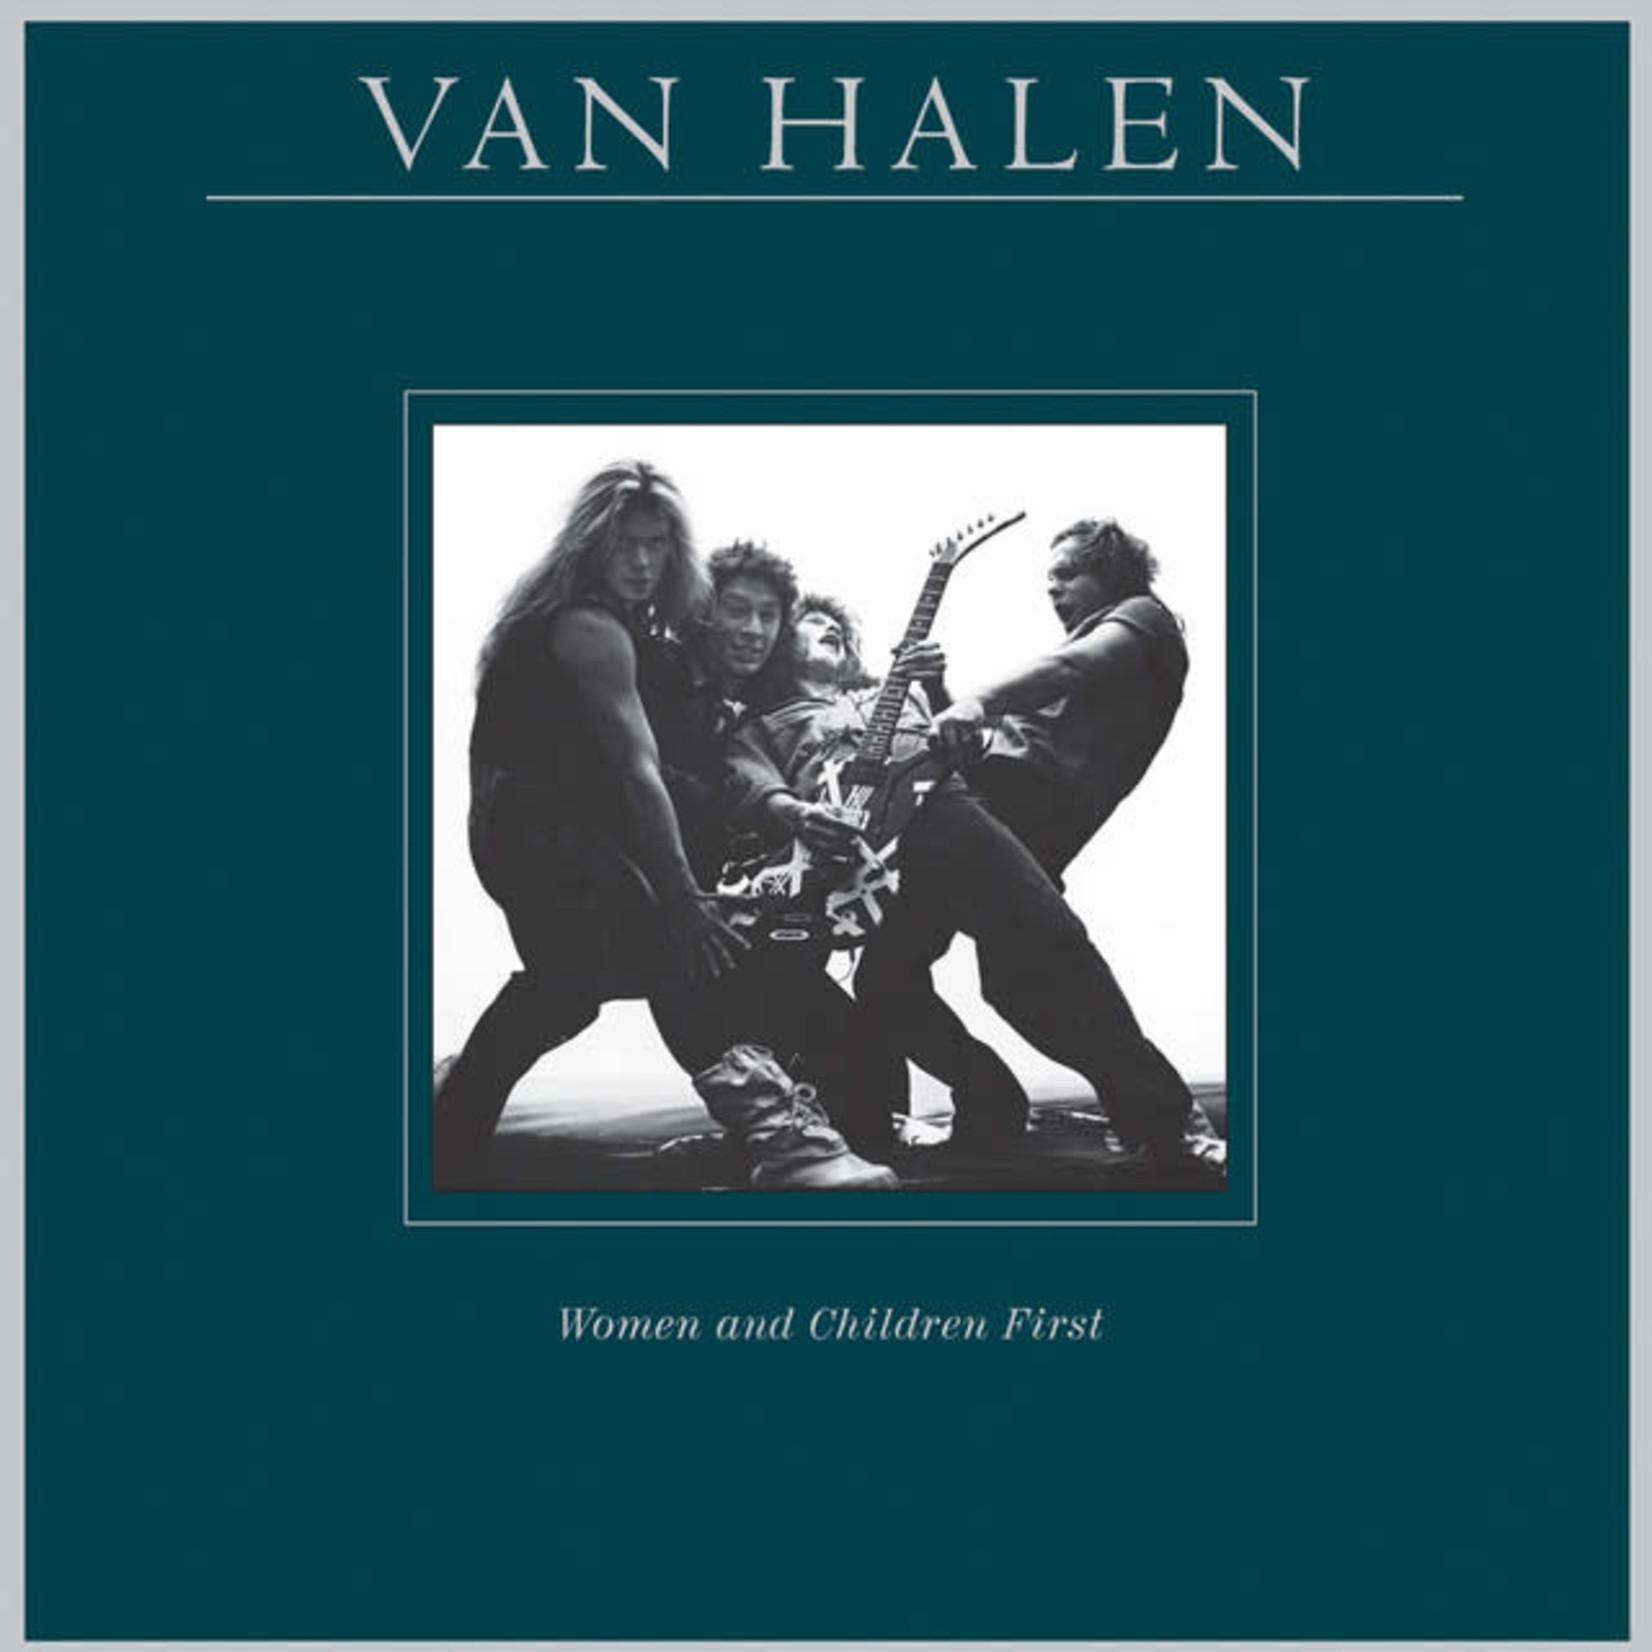 Vinyl Van Halen - Women And Children First